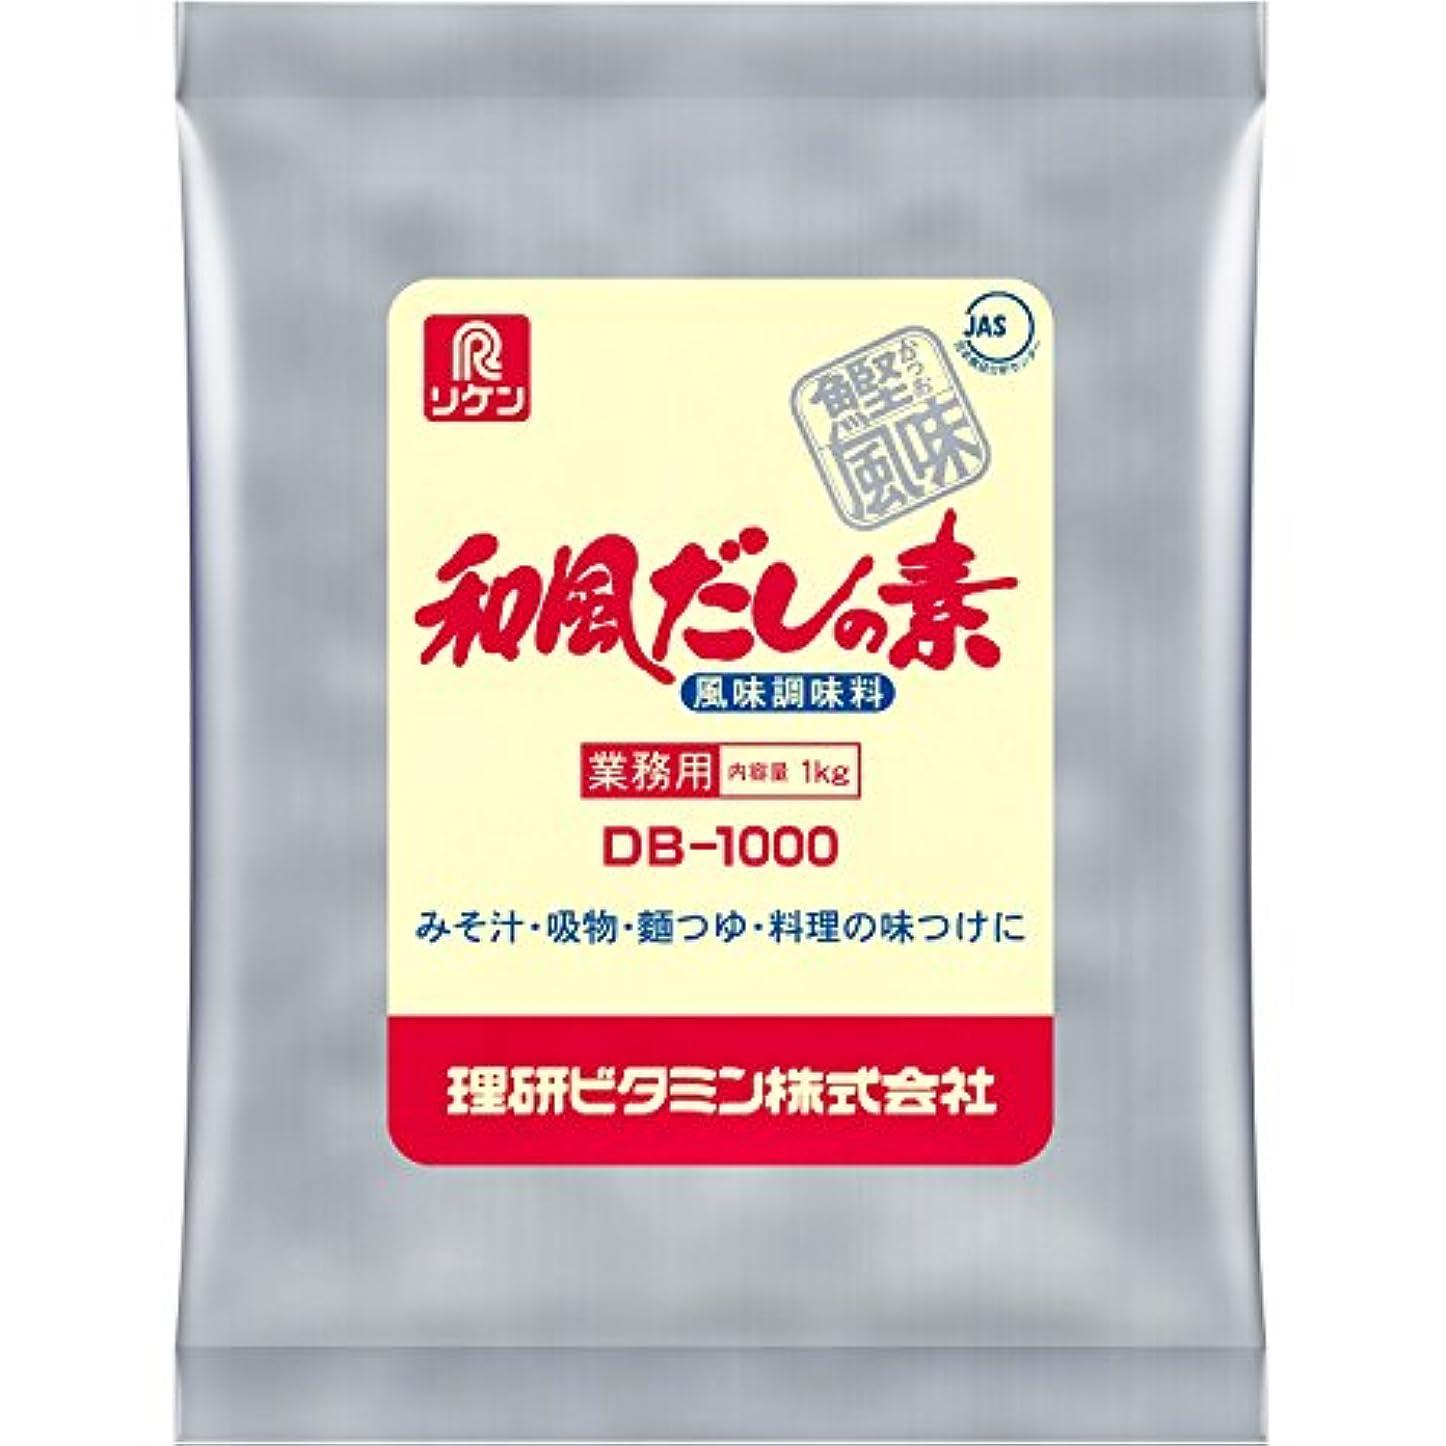 リケン 和風だしの素 DB-1000 1kg